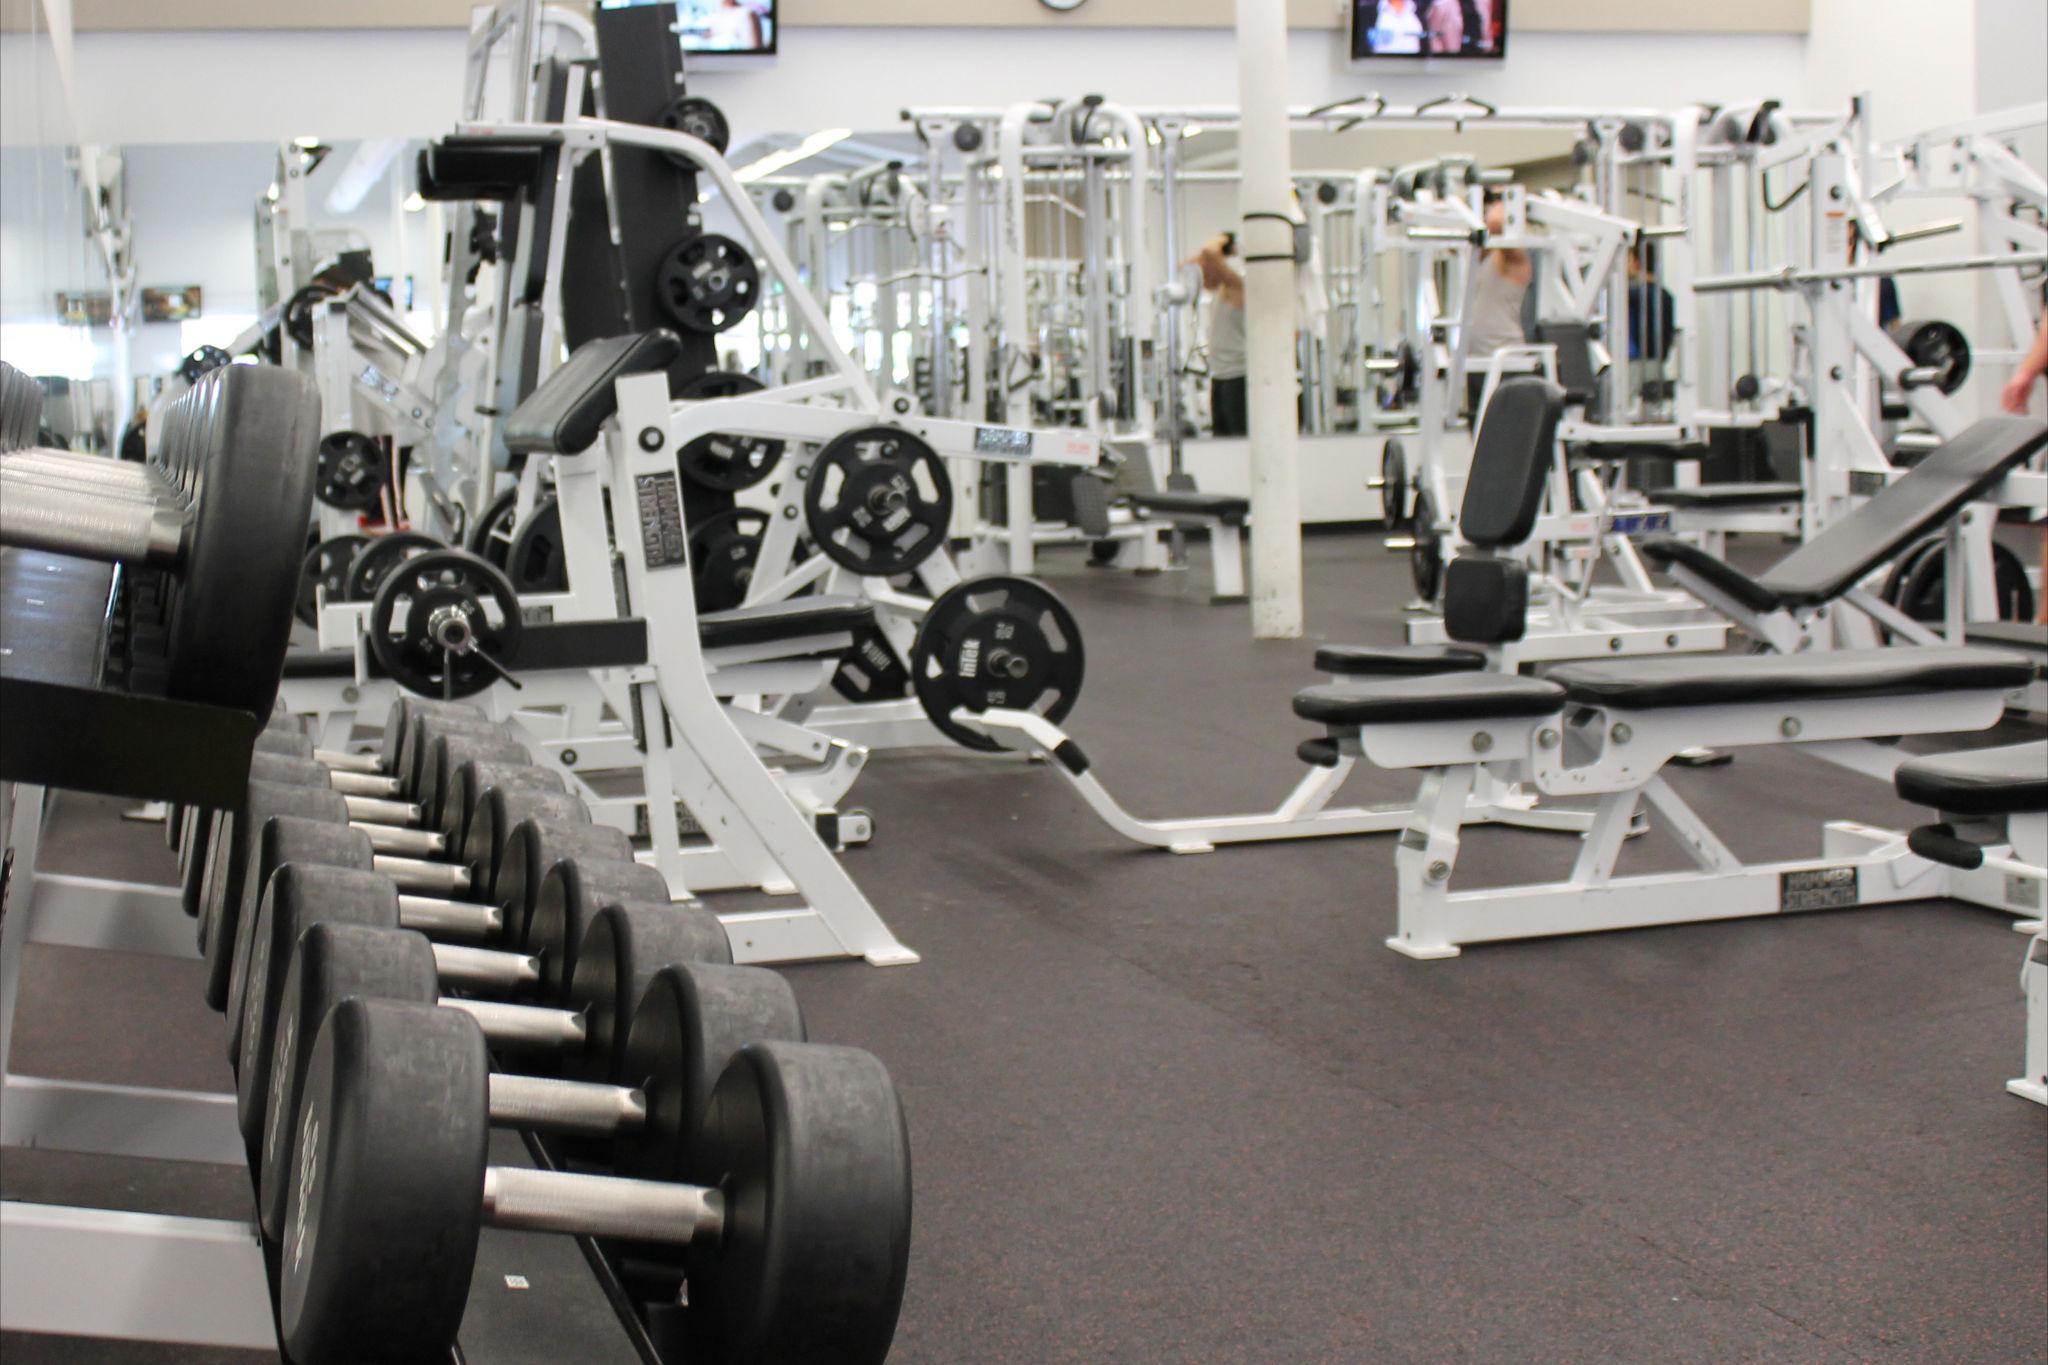 Gym Hd Wallpaper